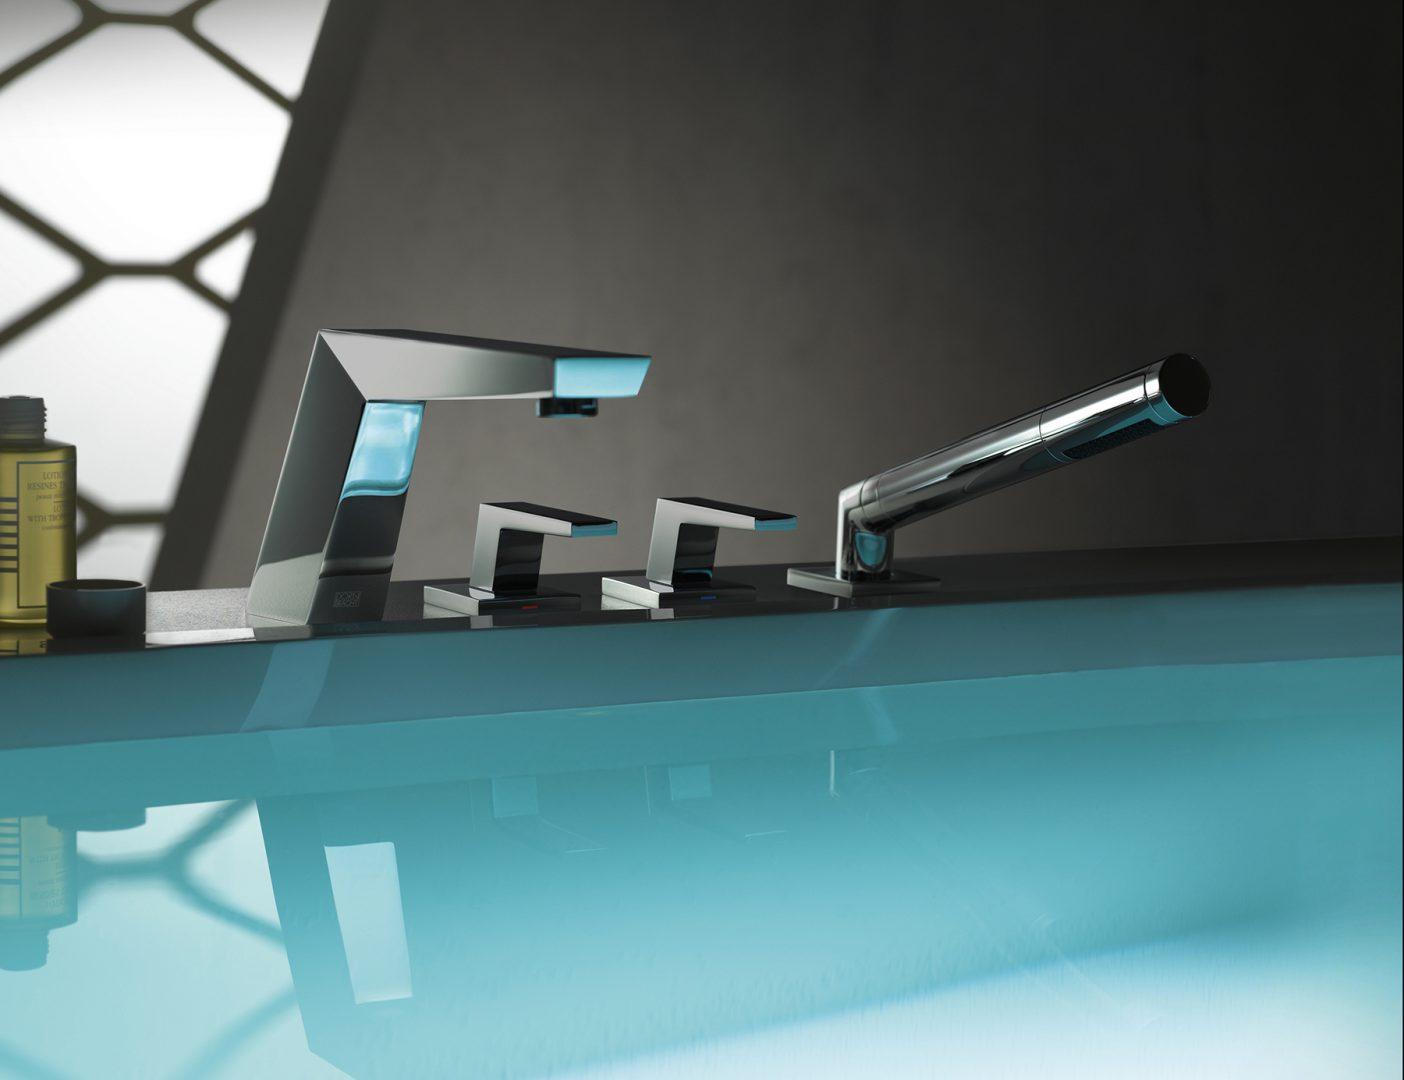 Griferia Para Baño Easy:Grifería contemporánea de baño :: Imágenes y fotos